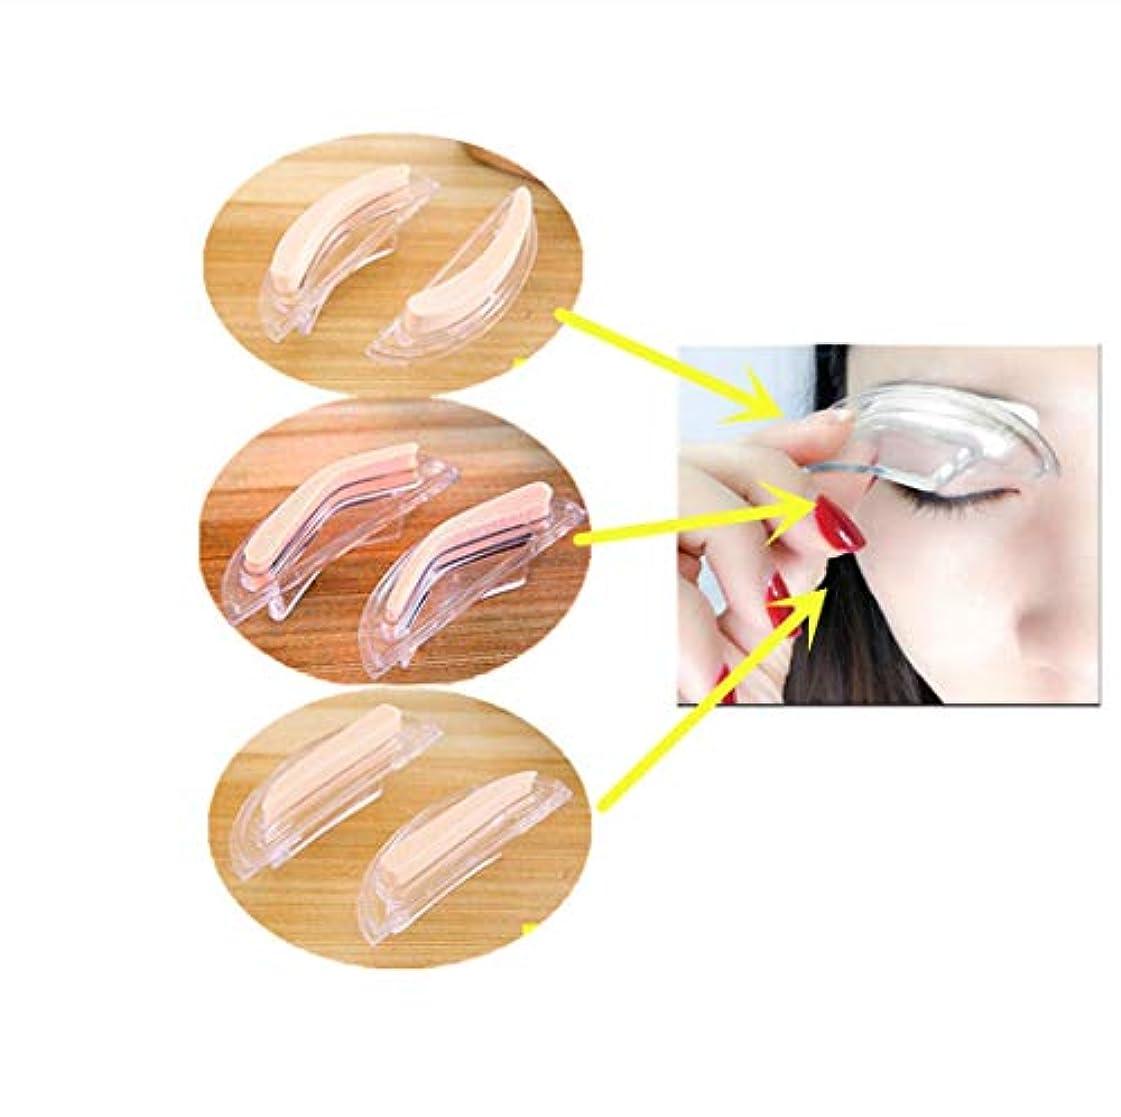 公演ためにみがきますDexinyigeアイブロウ スタンプ 眉毛 ストレートアイブロウスタンプ トレンドストレート /3種類の眉形セット 美化粧道具 入れ墨道具